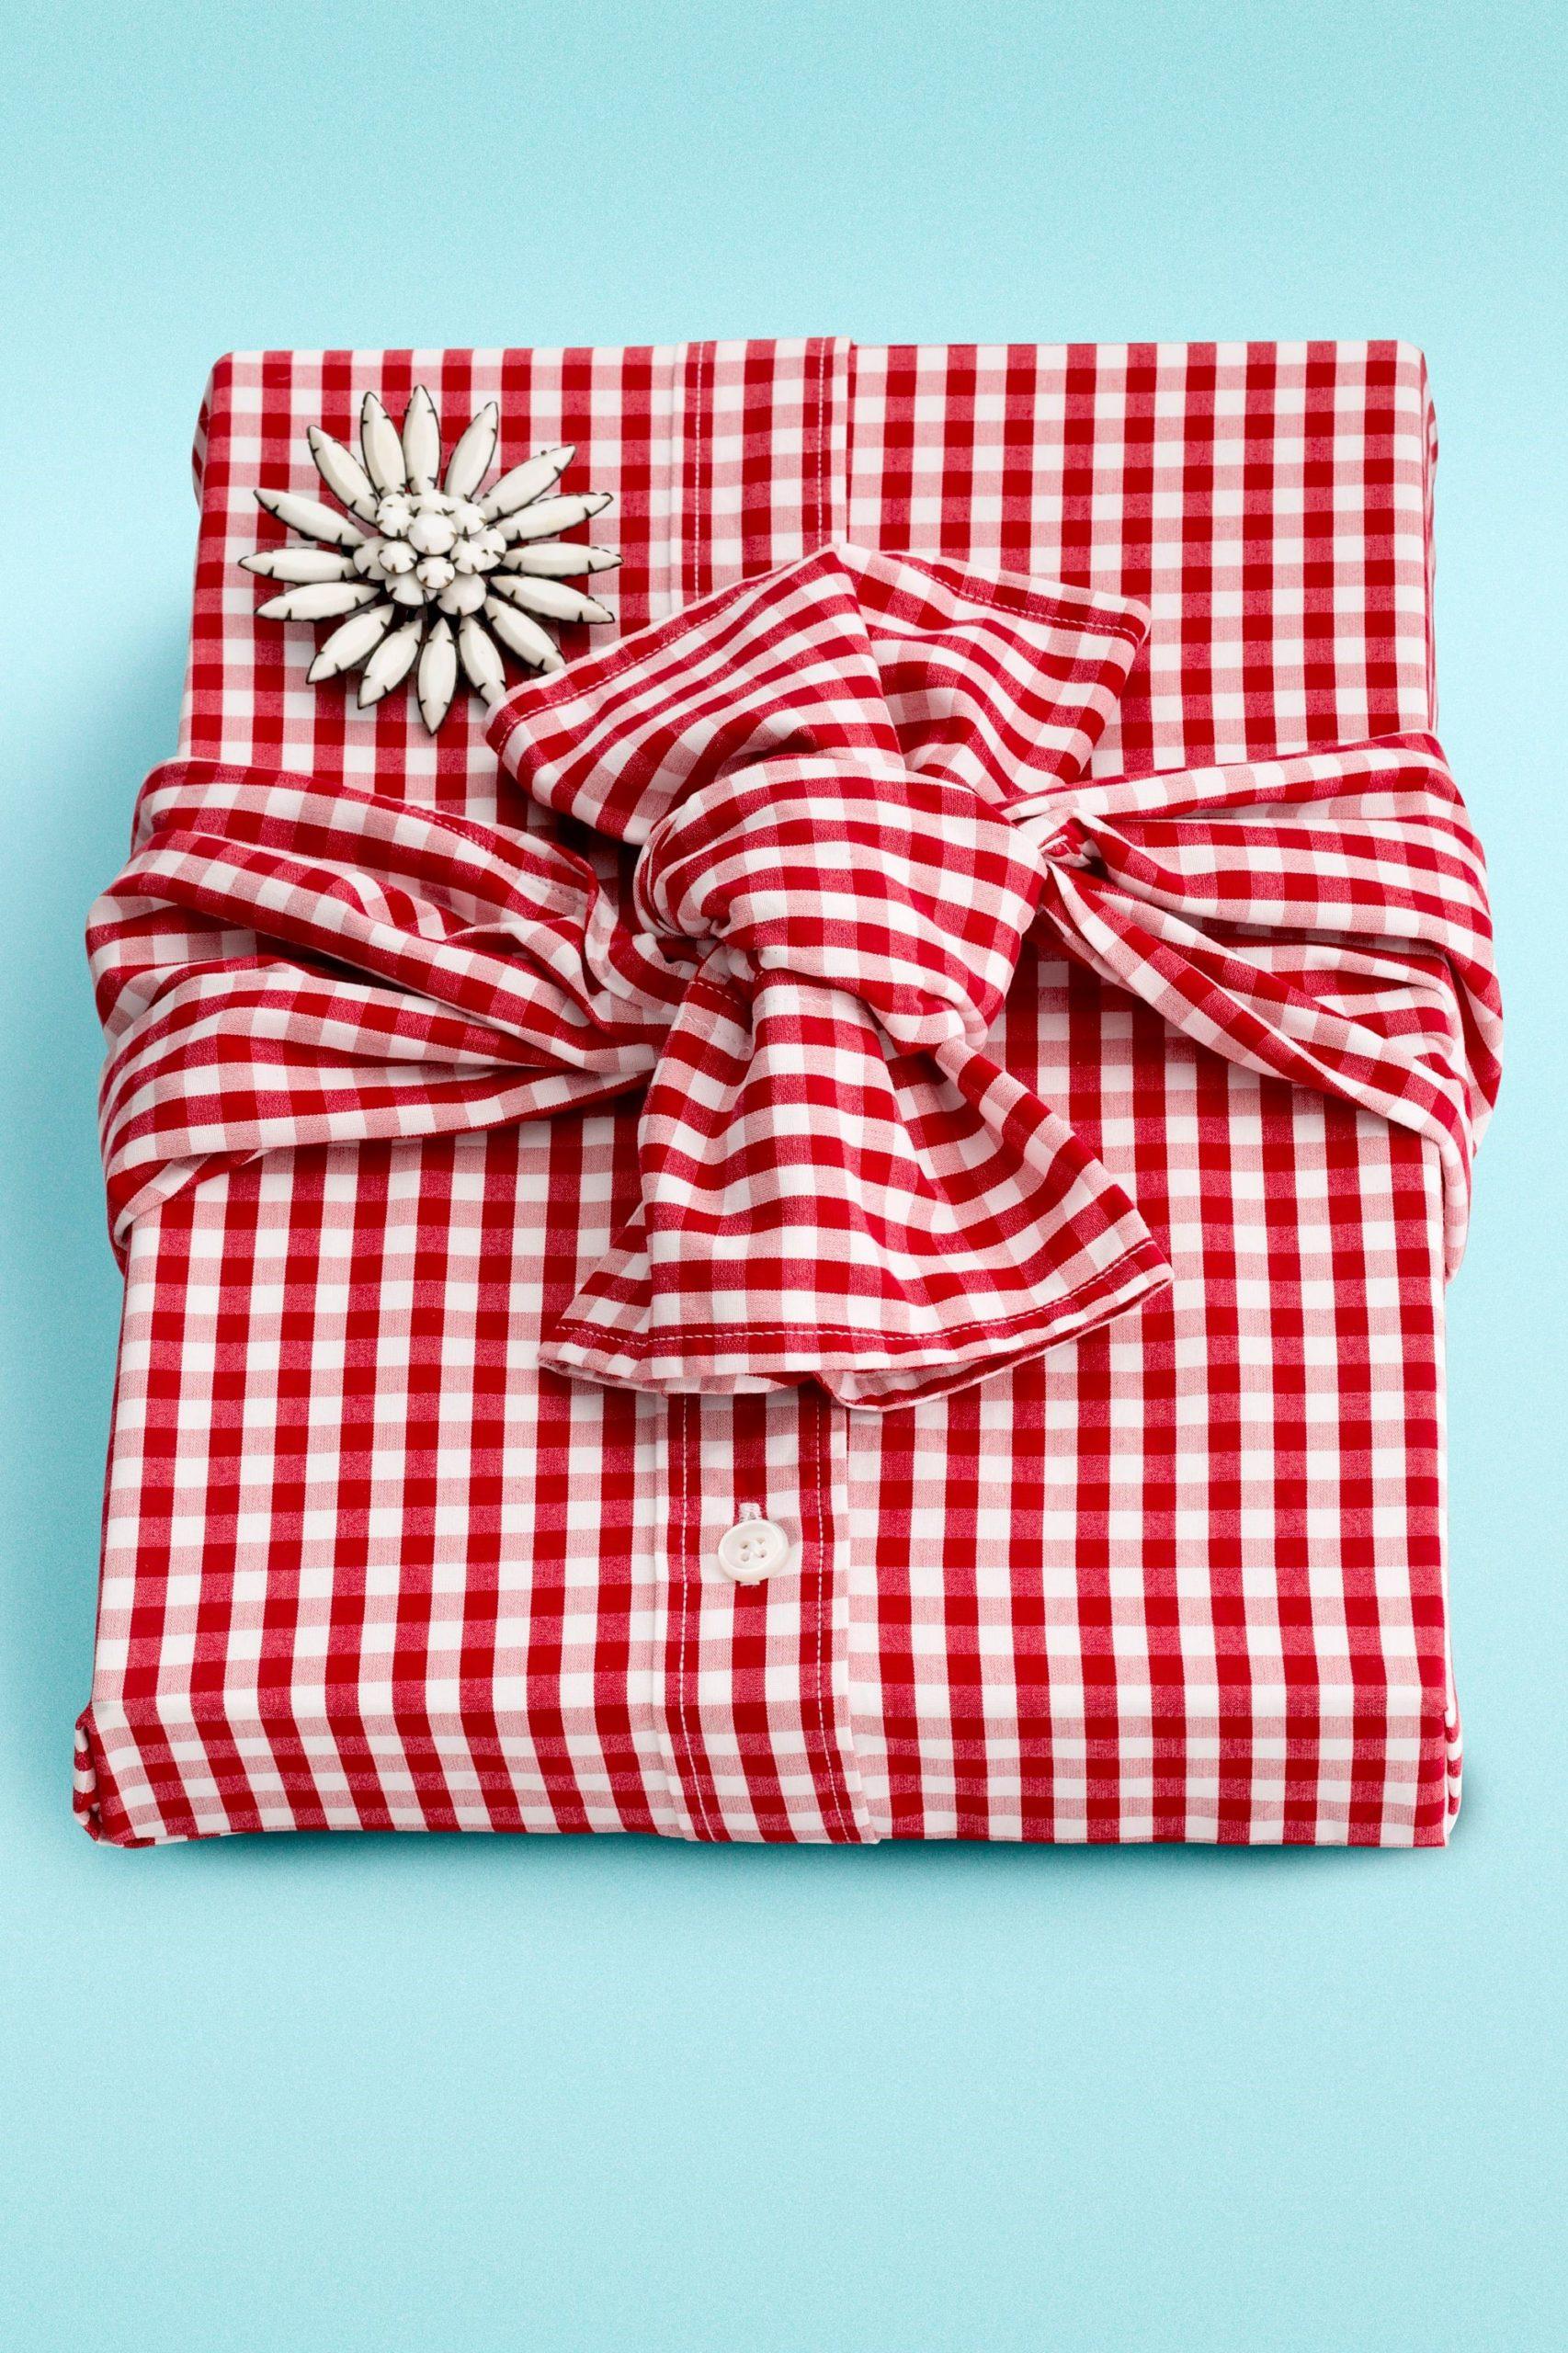 Donnez une nouvelle vie à votre ancienne chemise en l'utilisant pour emballer un cadeau.